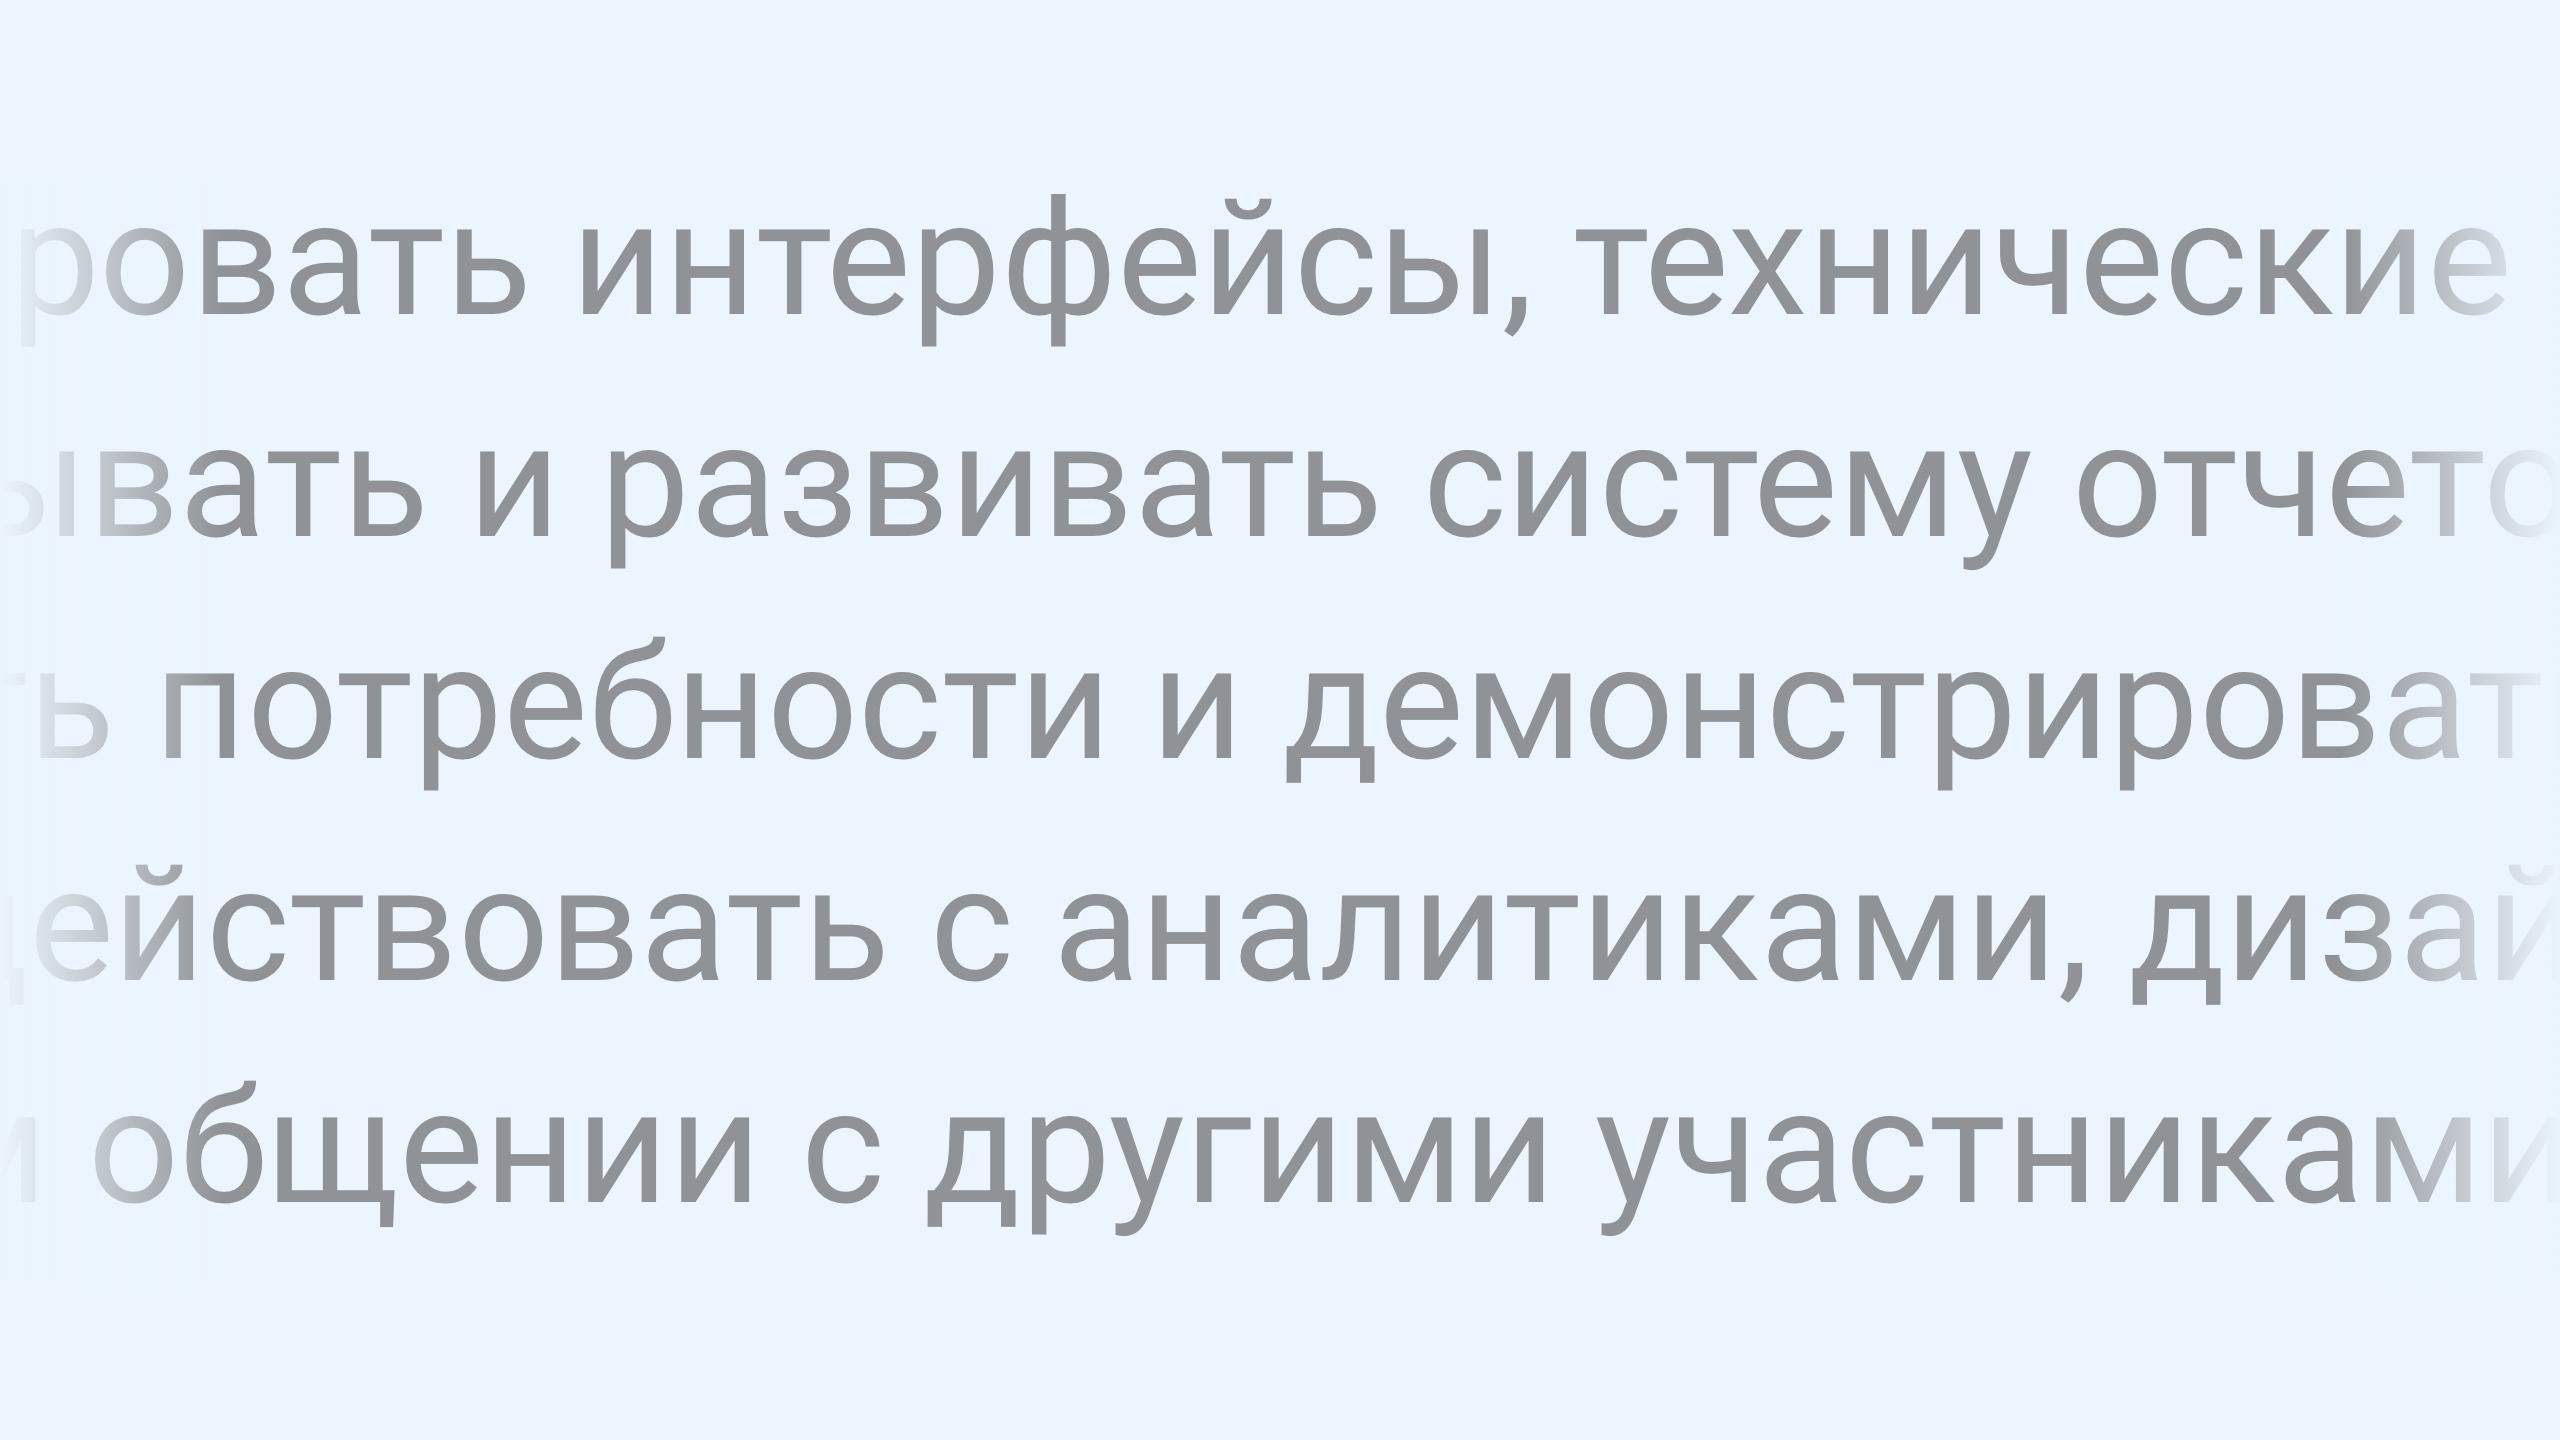 Вакансии на vc.ru за неделю